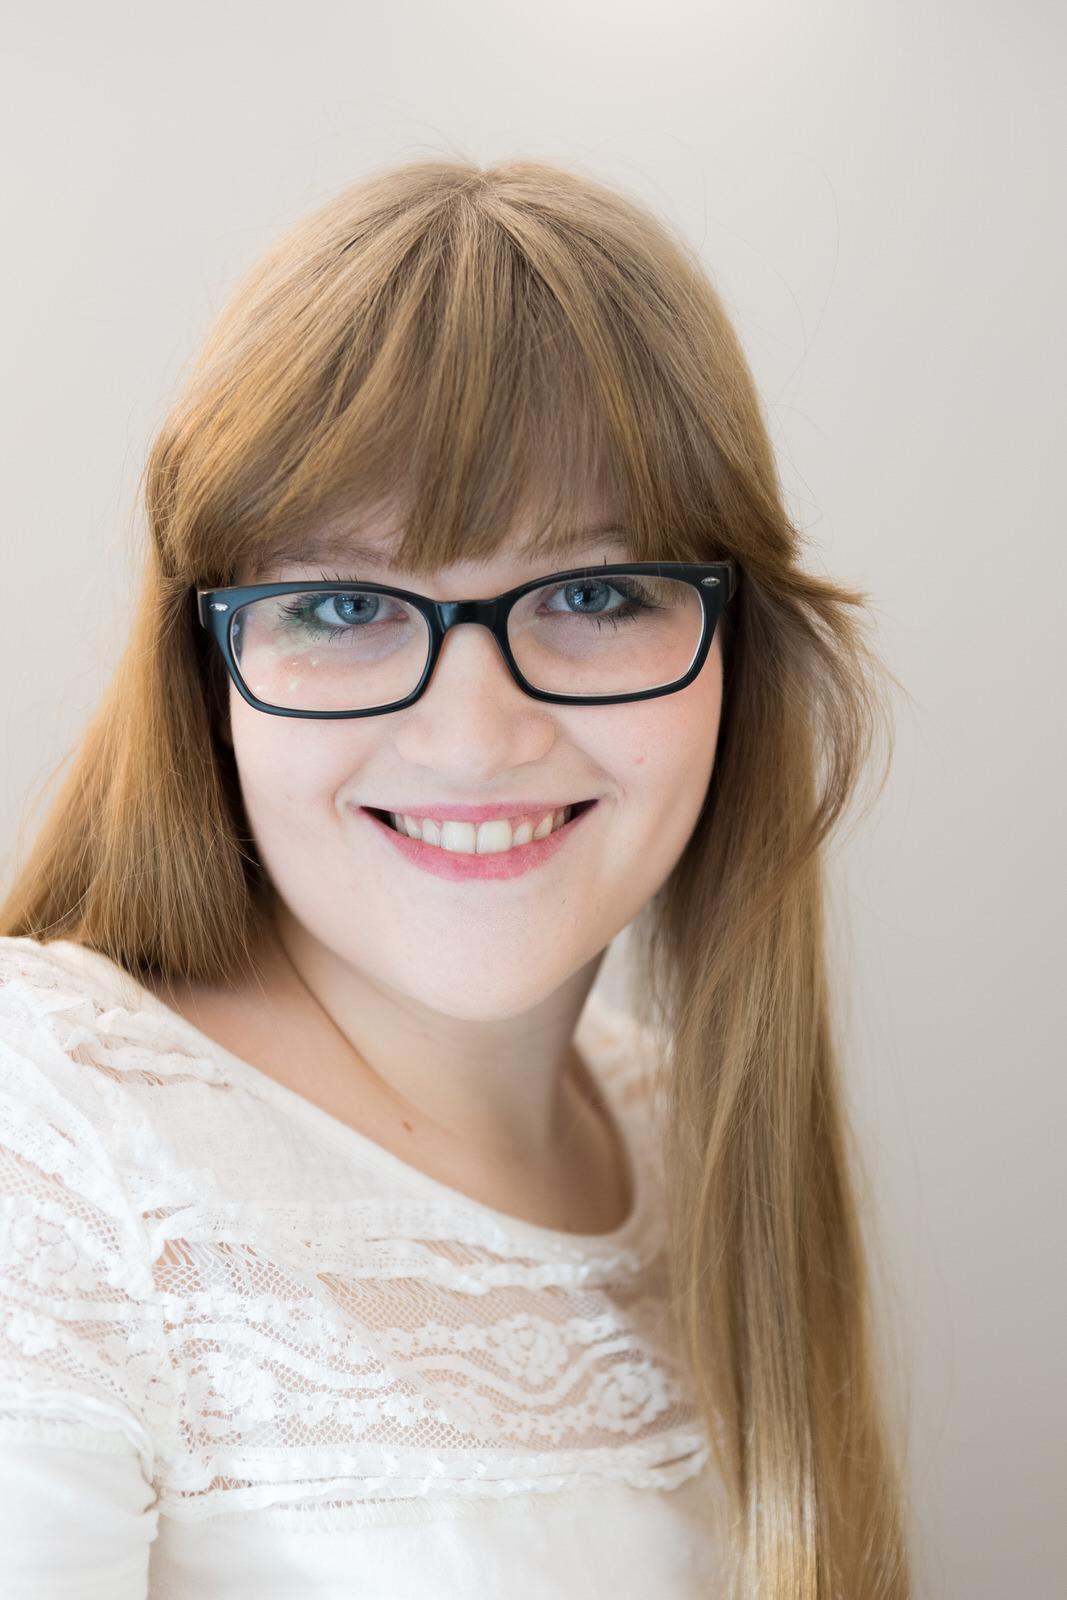 Anna Böhm, Frauenportrait, Brille, Ausbildung zur Schneiderin